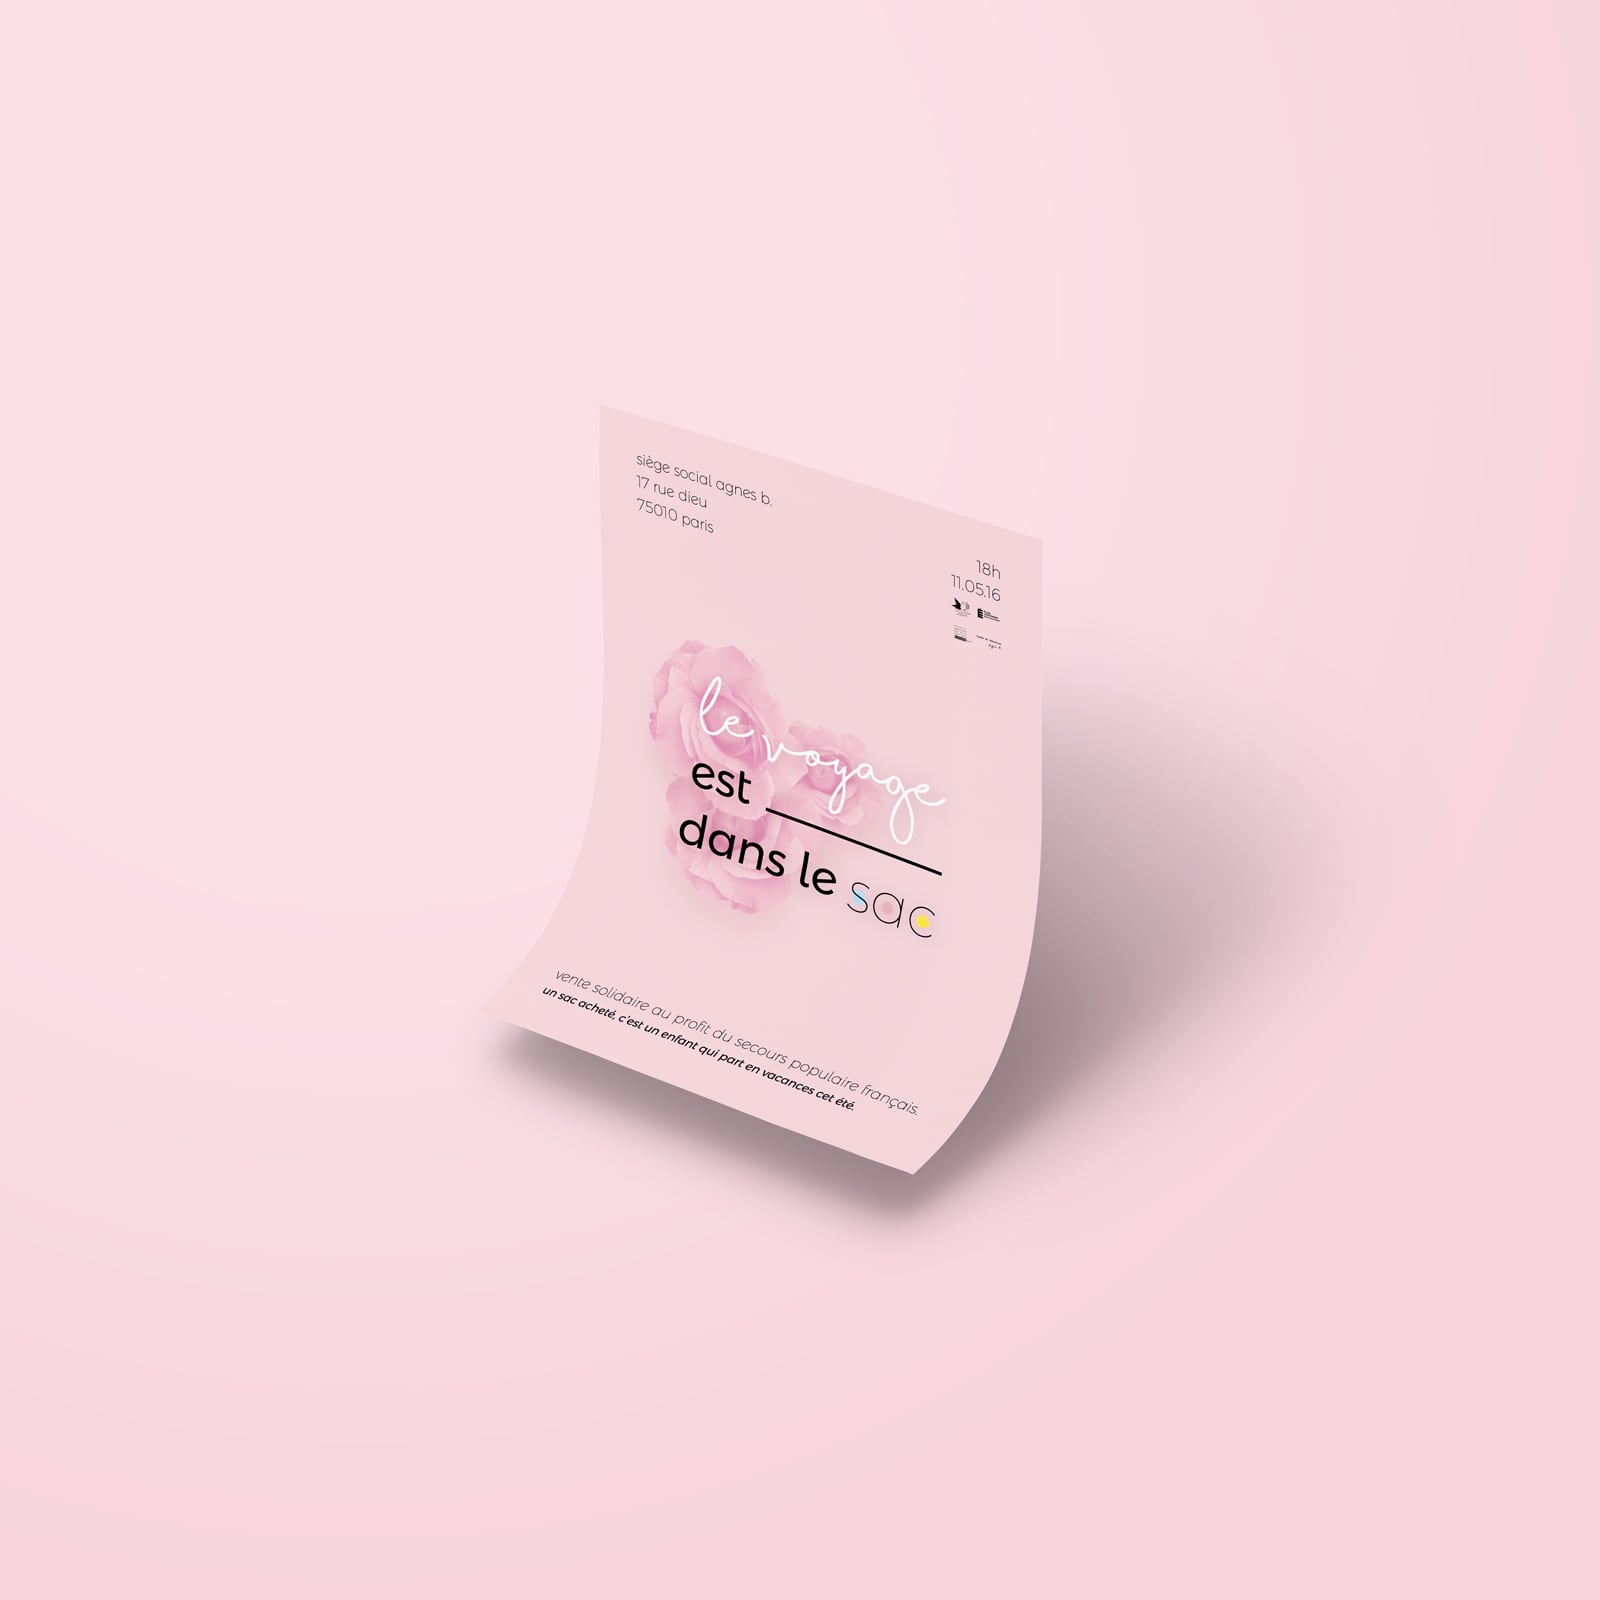 poster-secours-populaire-paris-print